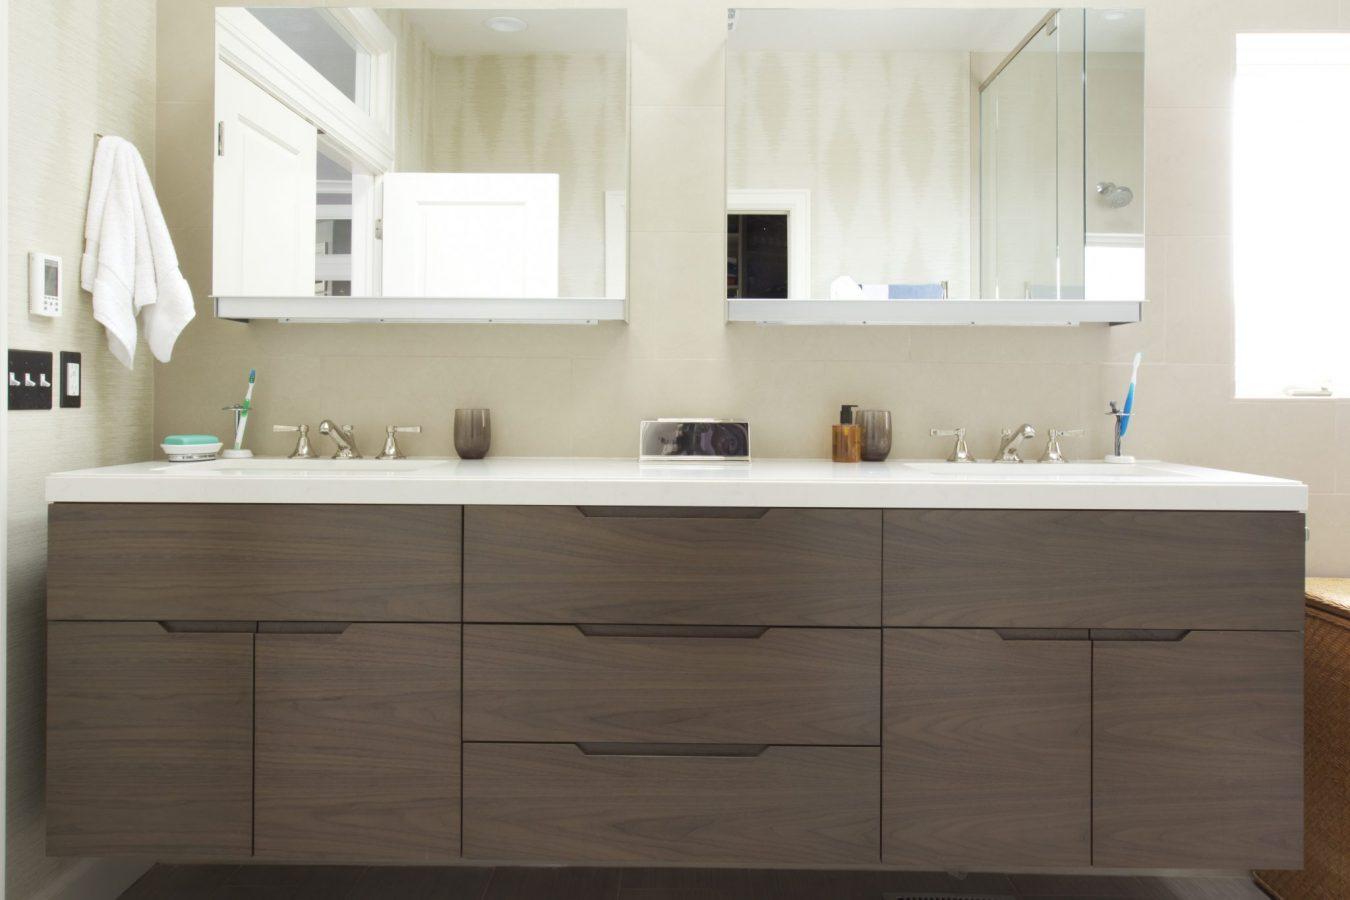 Contemporary Bathroom Project 6 - Teerlink Cabinet